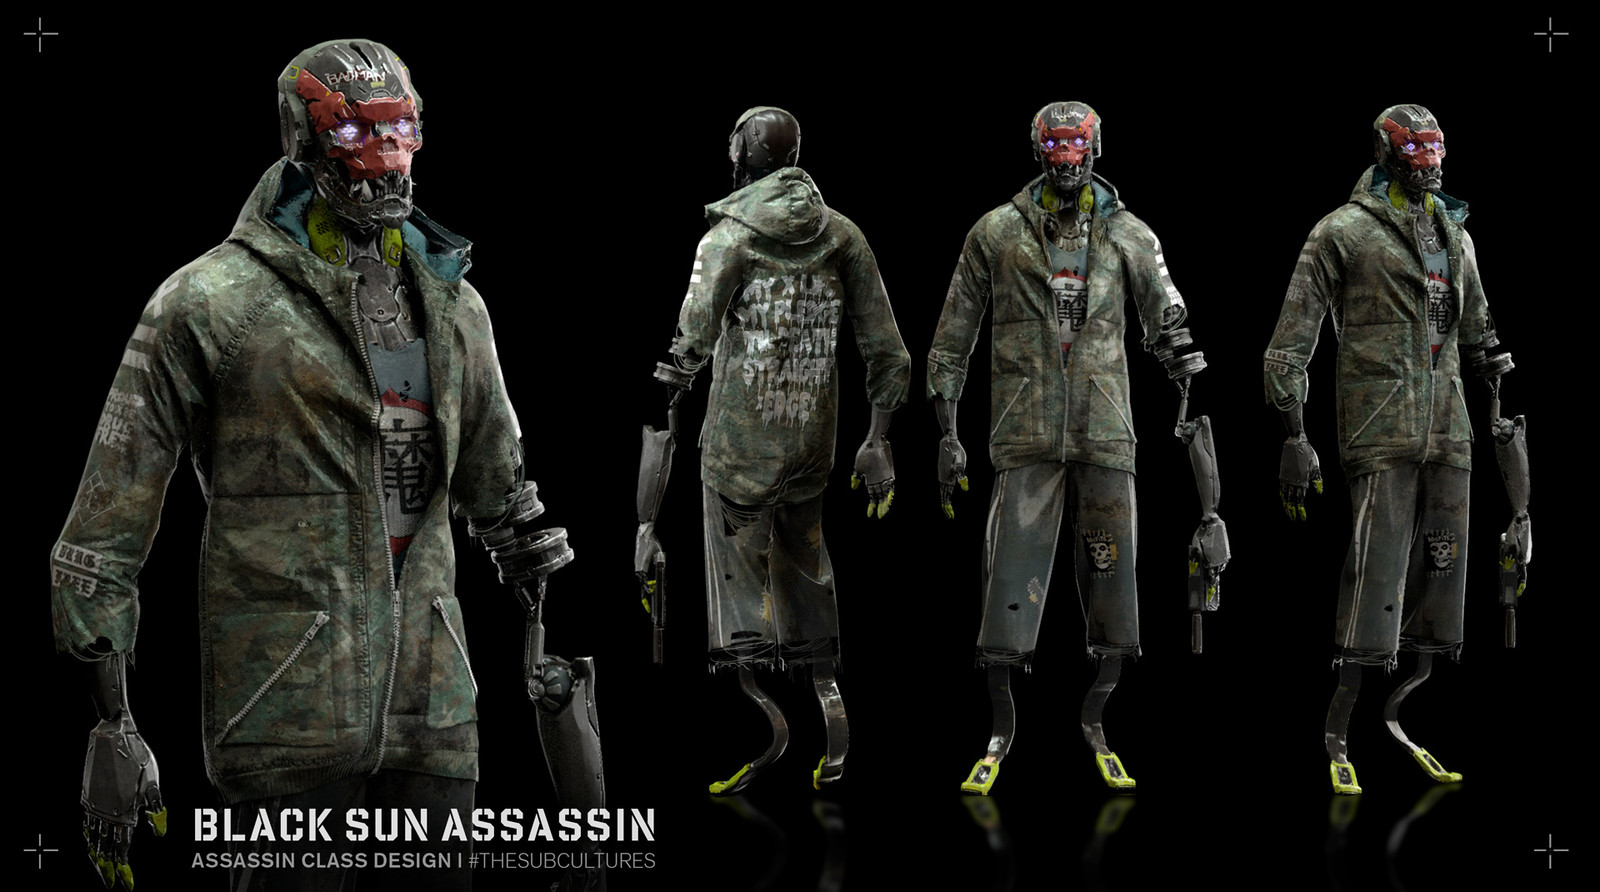 Black Sun Assassin - Turn around